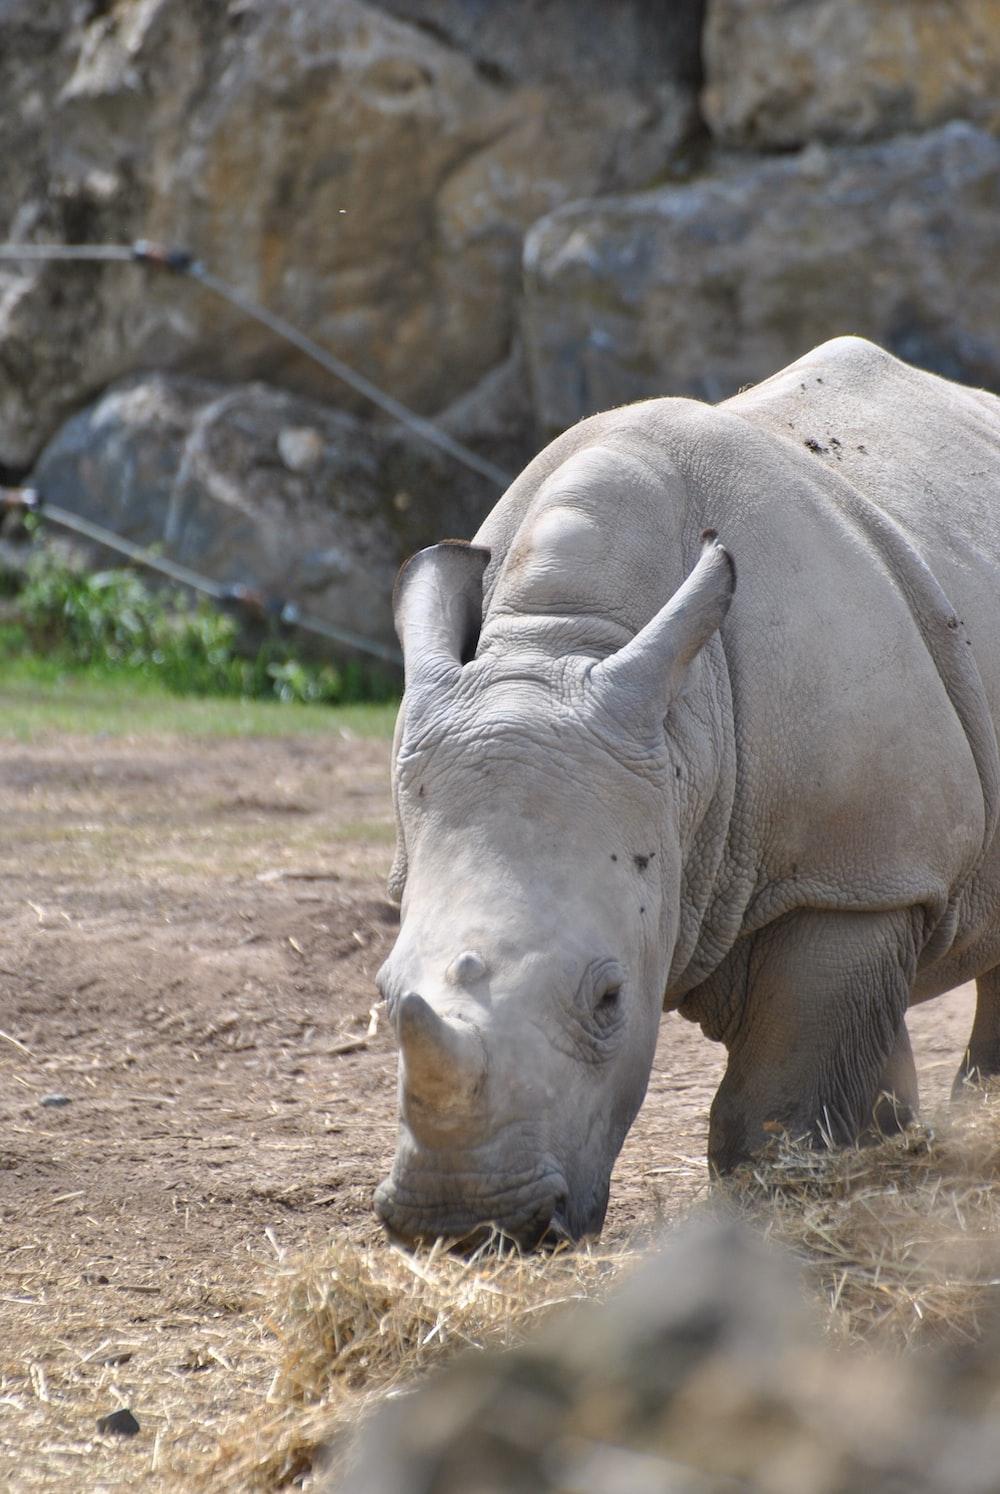 rhinoceros standing on brown soil